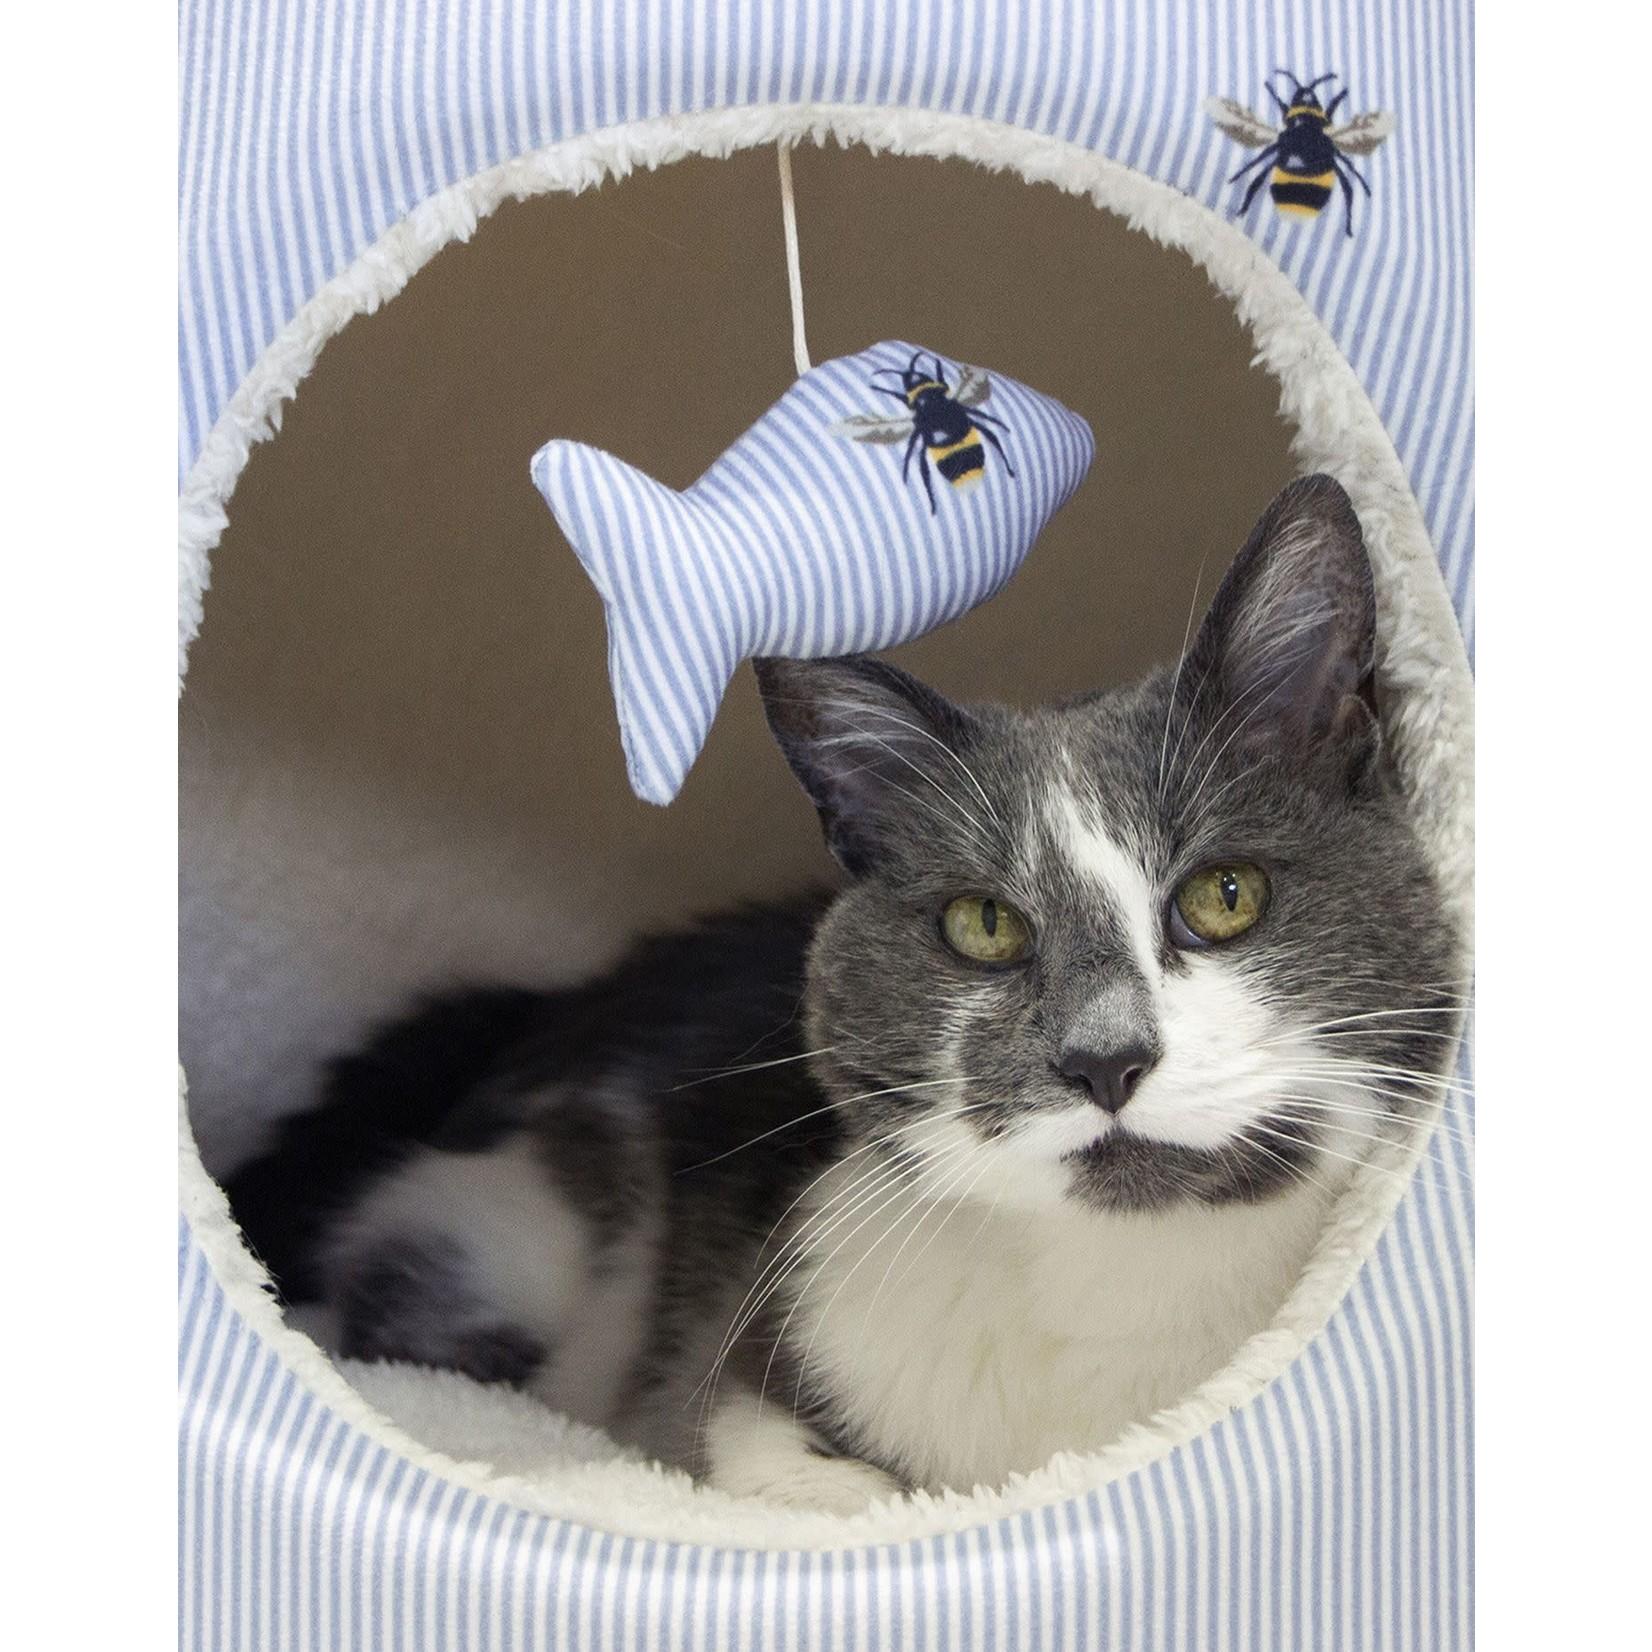 Joules Bee Print Hideaway Hooded Cat Bed, 42 x 42 42cm